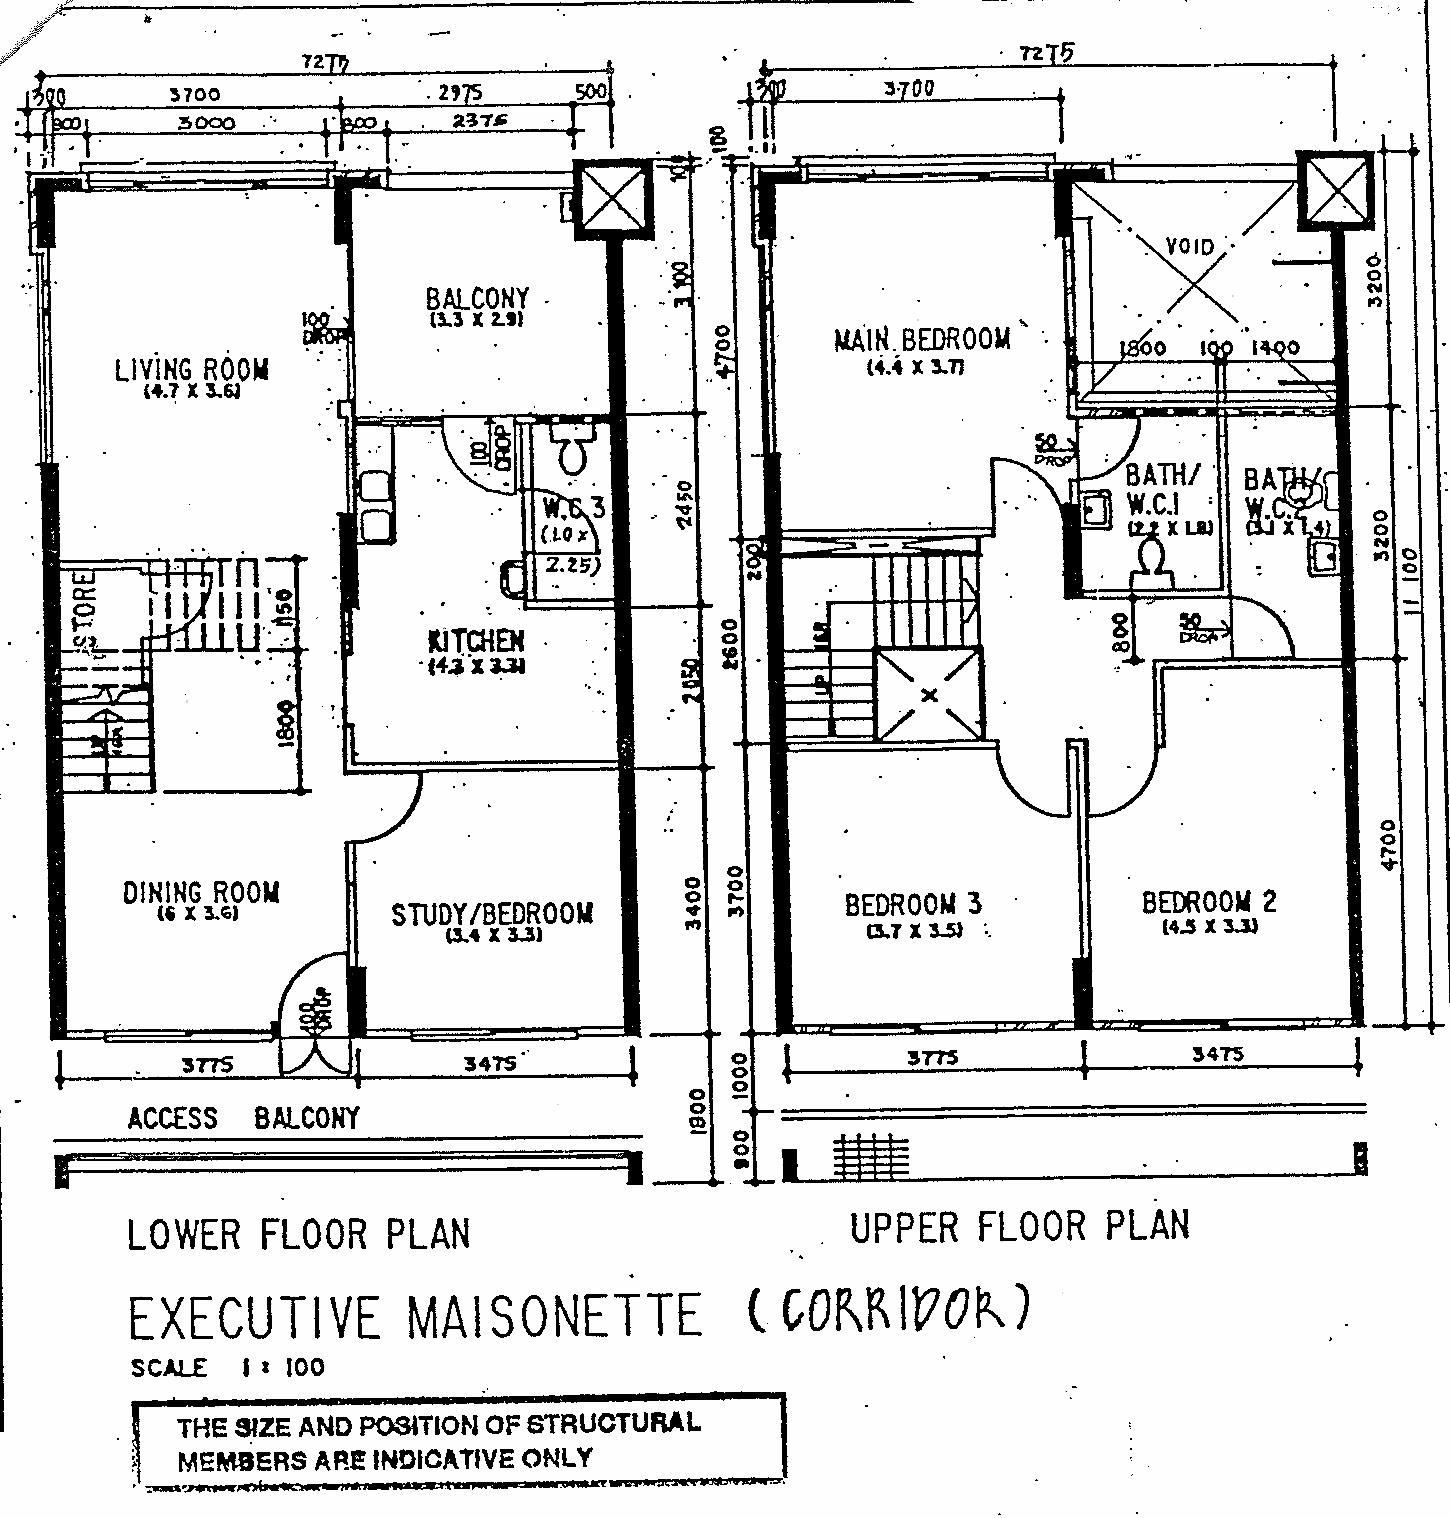 Butterpaperstudio reno t maisonette original floorplan for Maisonette plans